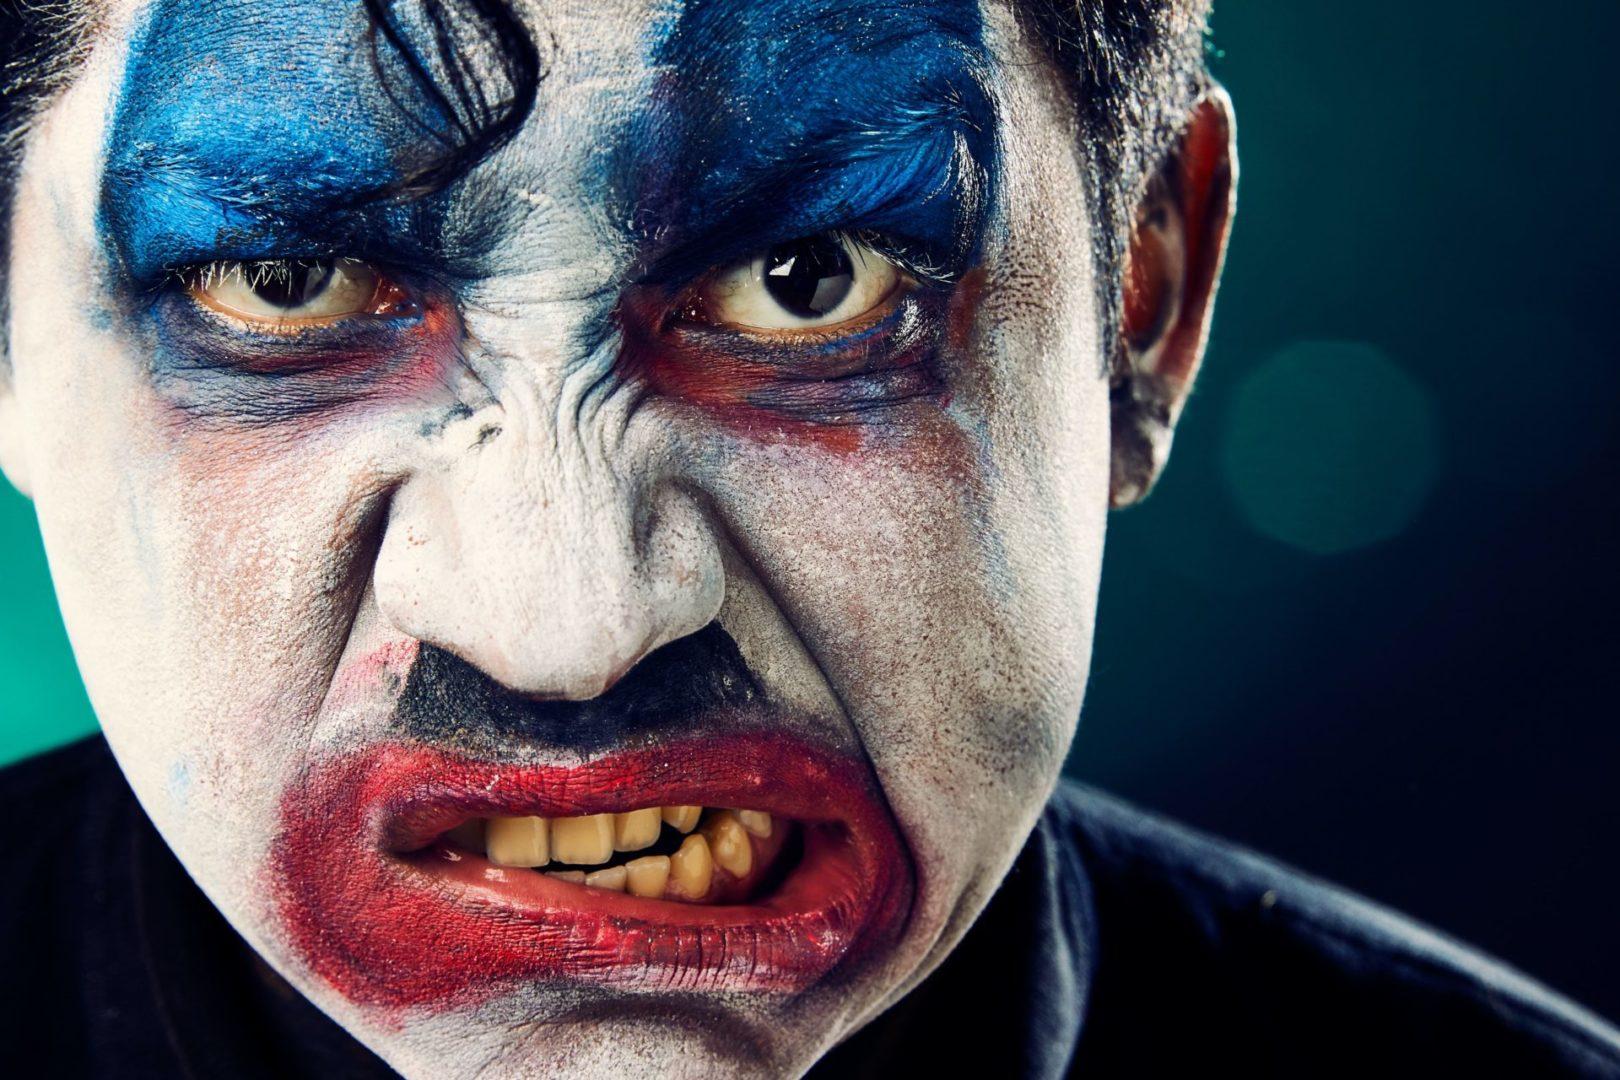 Ilustracja artykułu o porozumieniu bez przemocy. Na zdjęciu mężczyzna umalowany jak klaun, który robi minę, wykrywając usta.